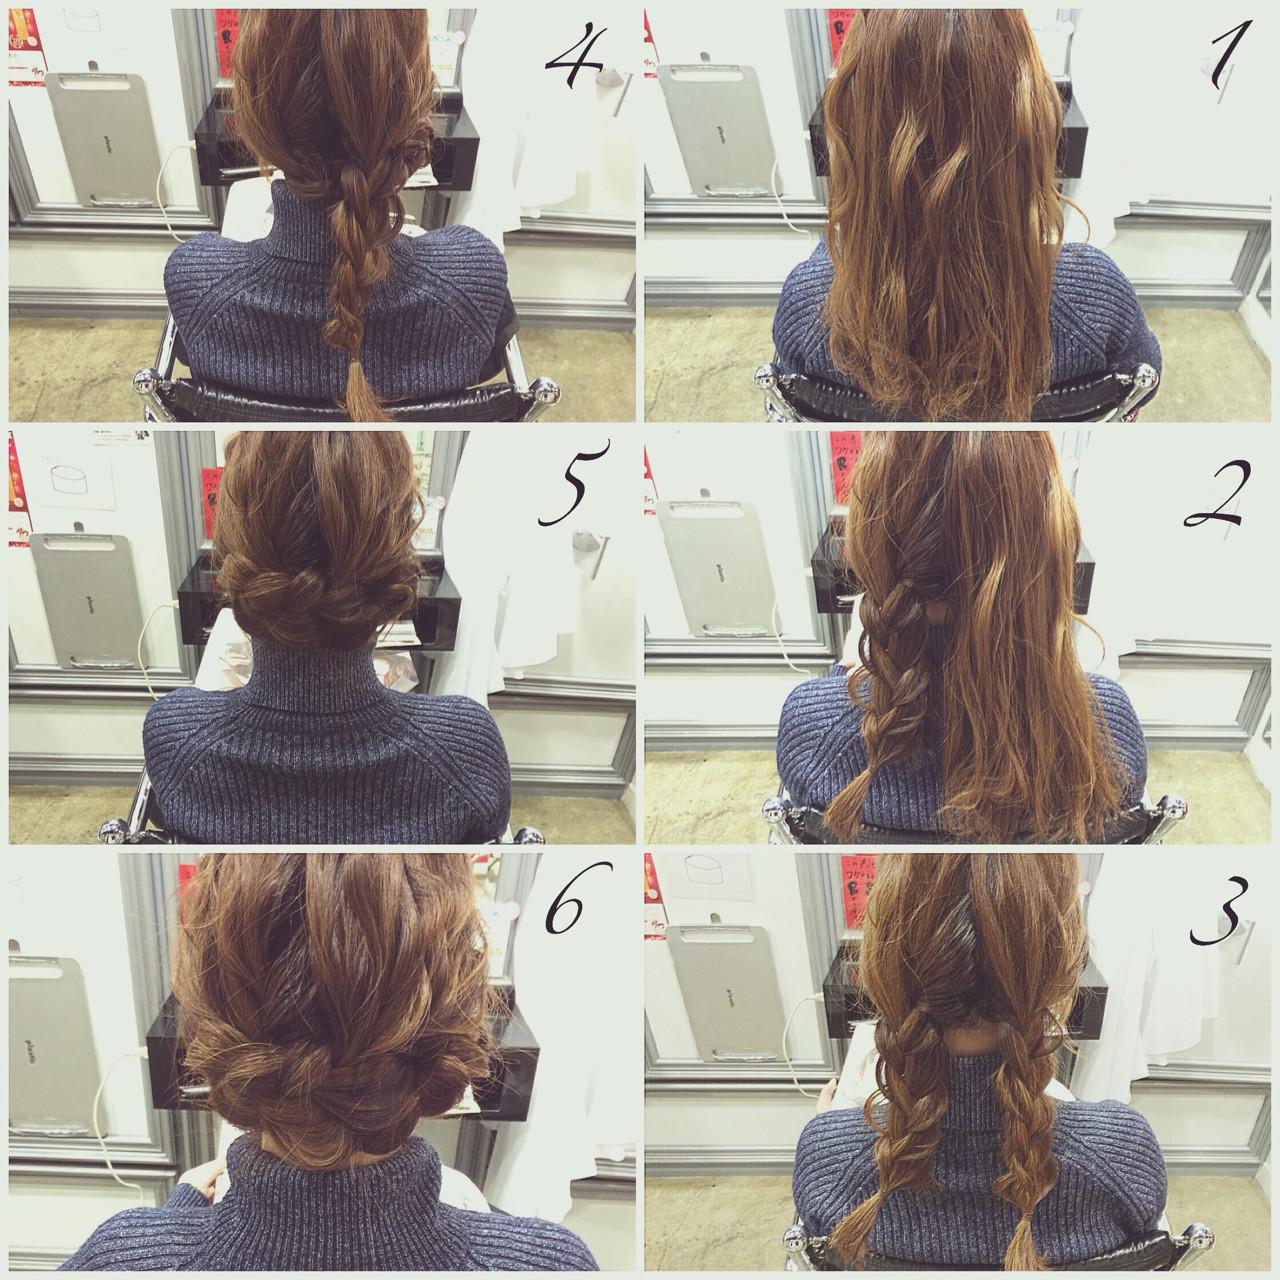 セルフで簡単ヘアアレンジ!成人式の二次会にオススメしたい髪型4選。 YUJI / plastic